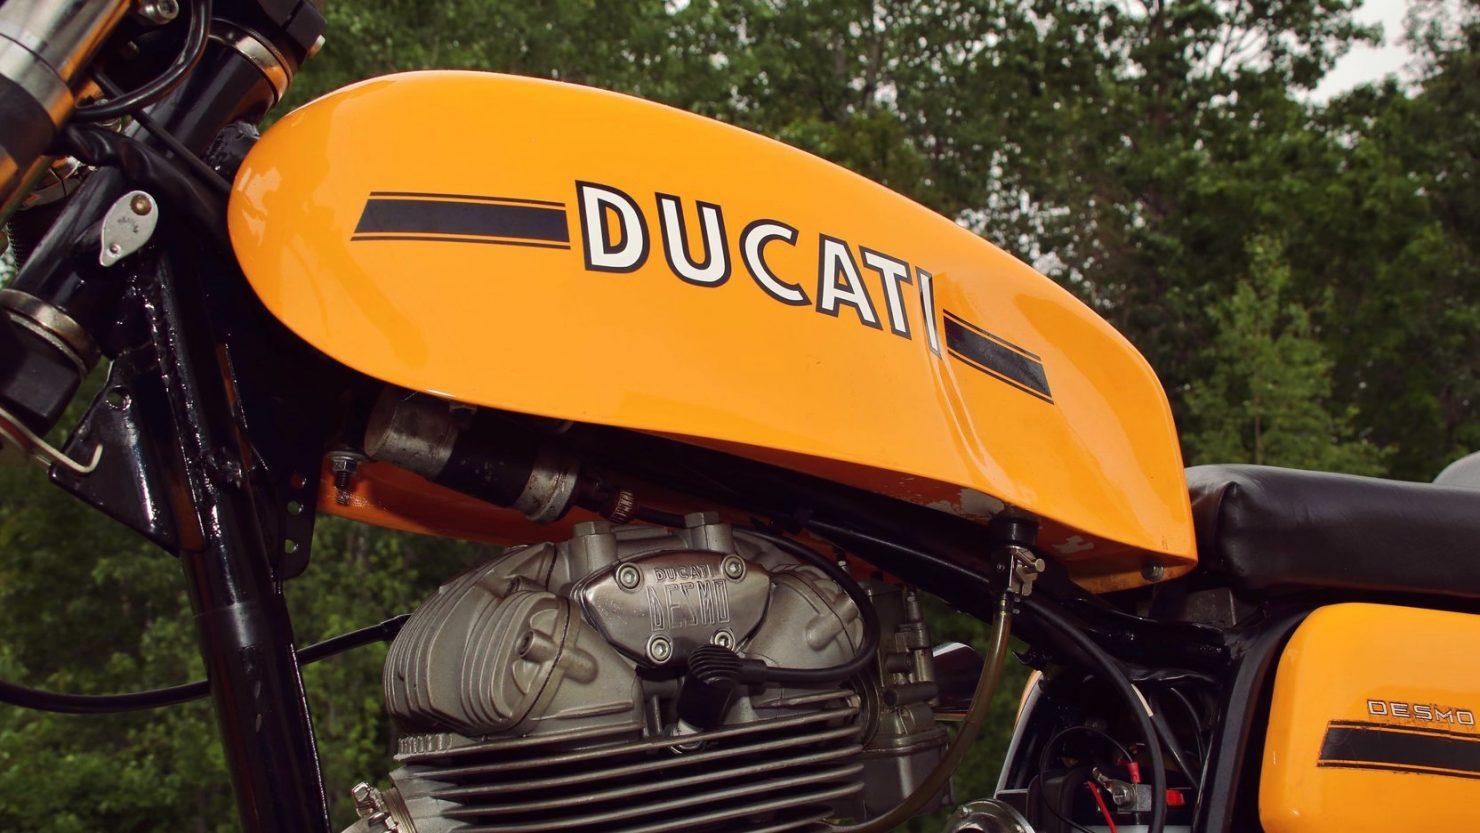 Ducati 350 Desmo 8 1480x833 - 1970 Ducati Desmo 350